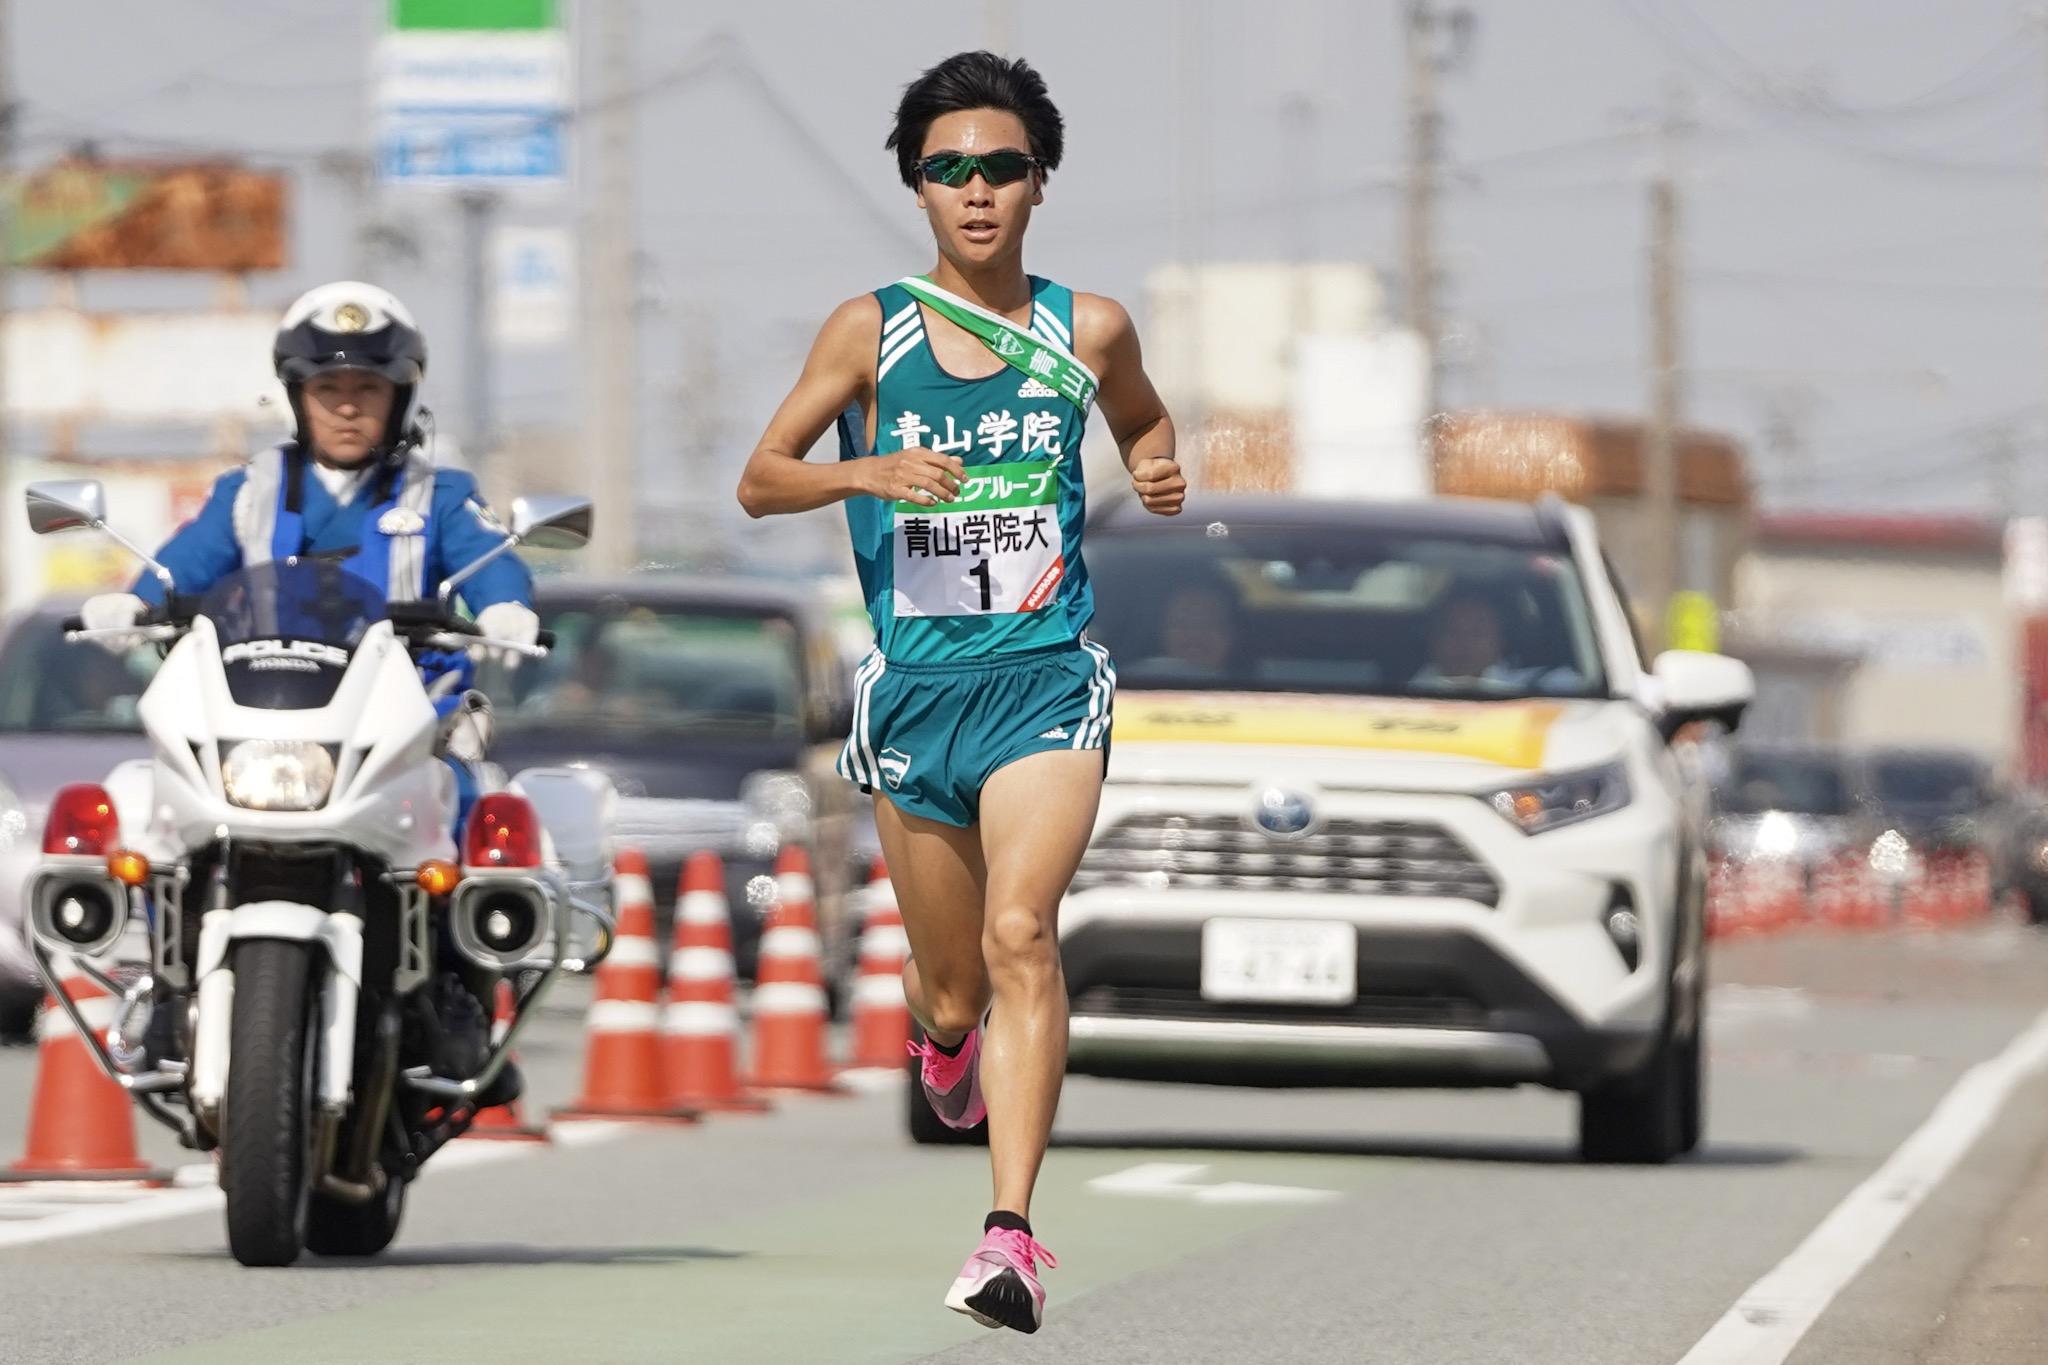 𠮷田圭太、青学大の〝真のエース〟になるために足りなかったもの